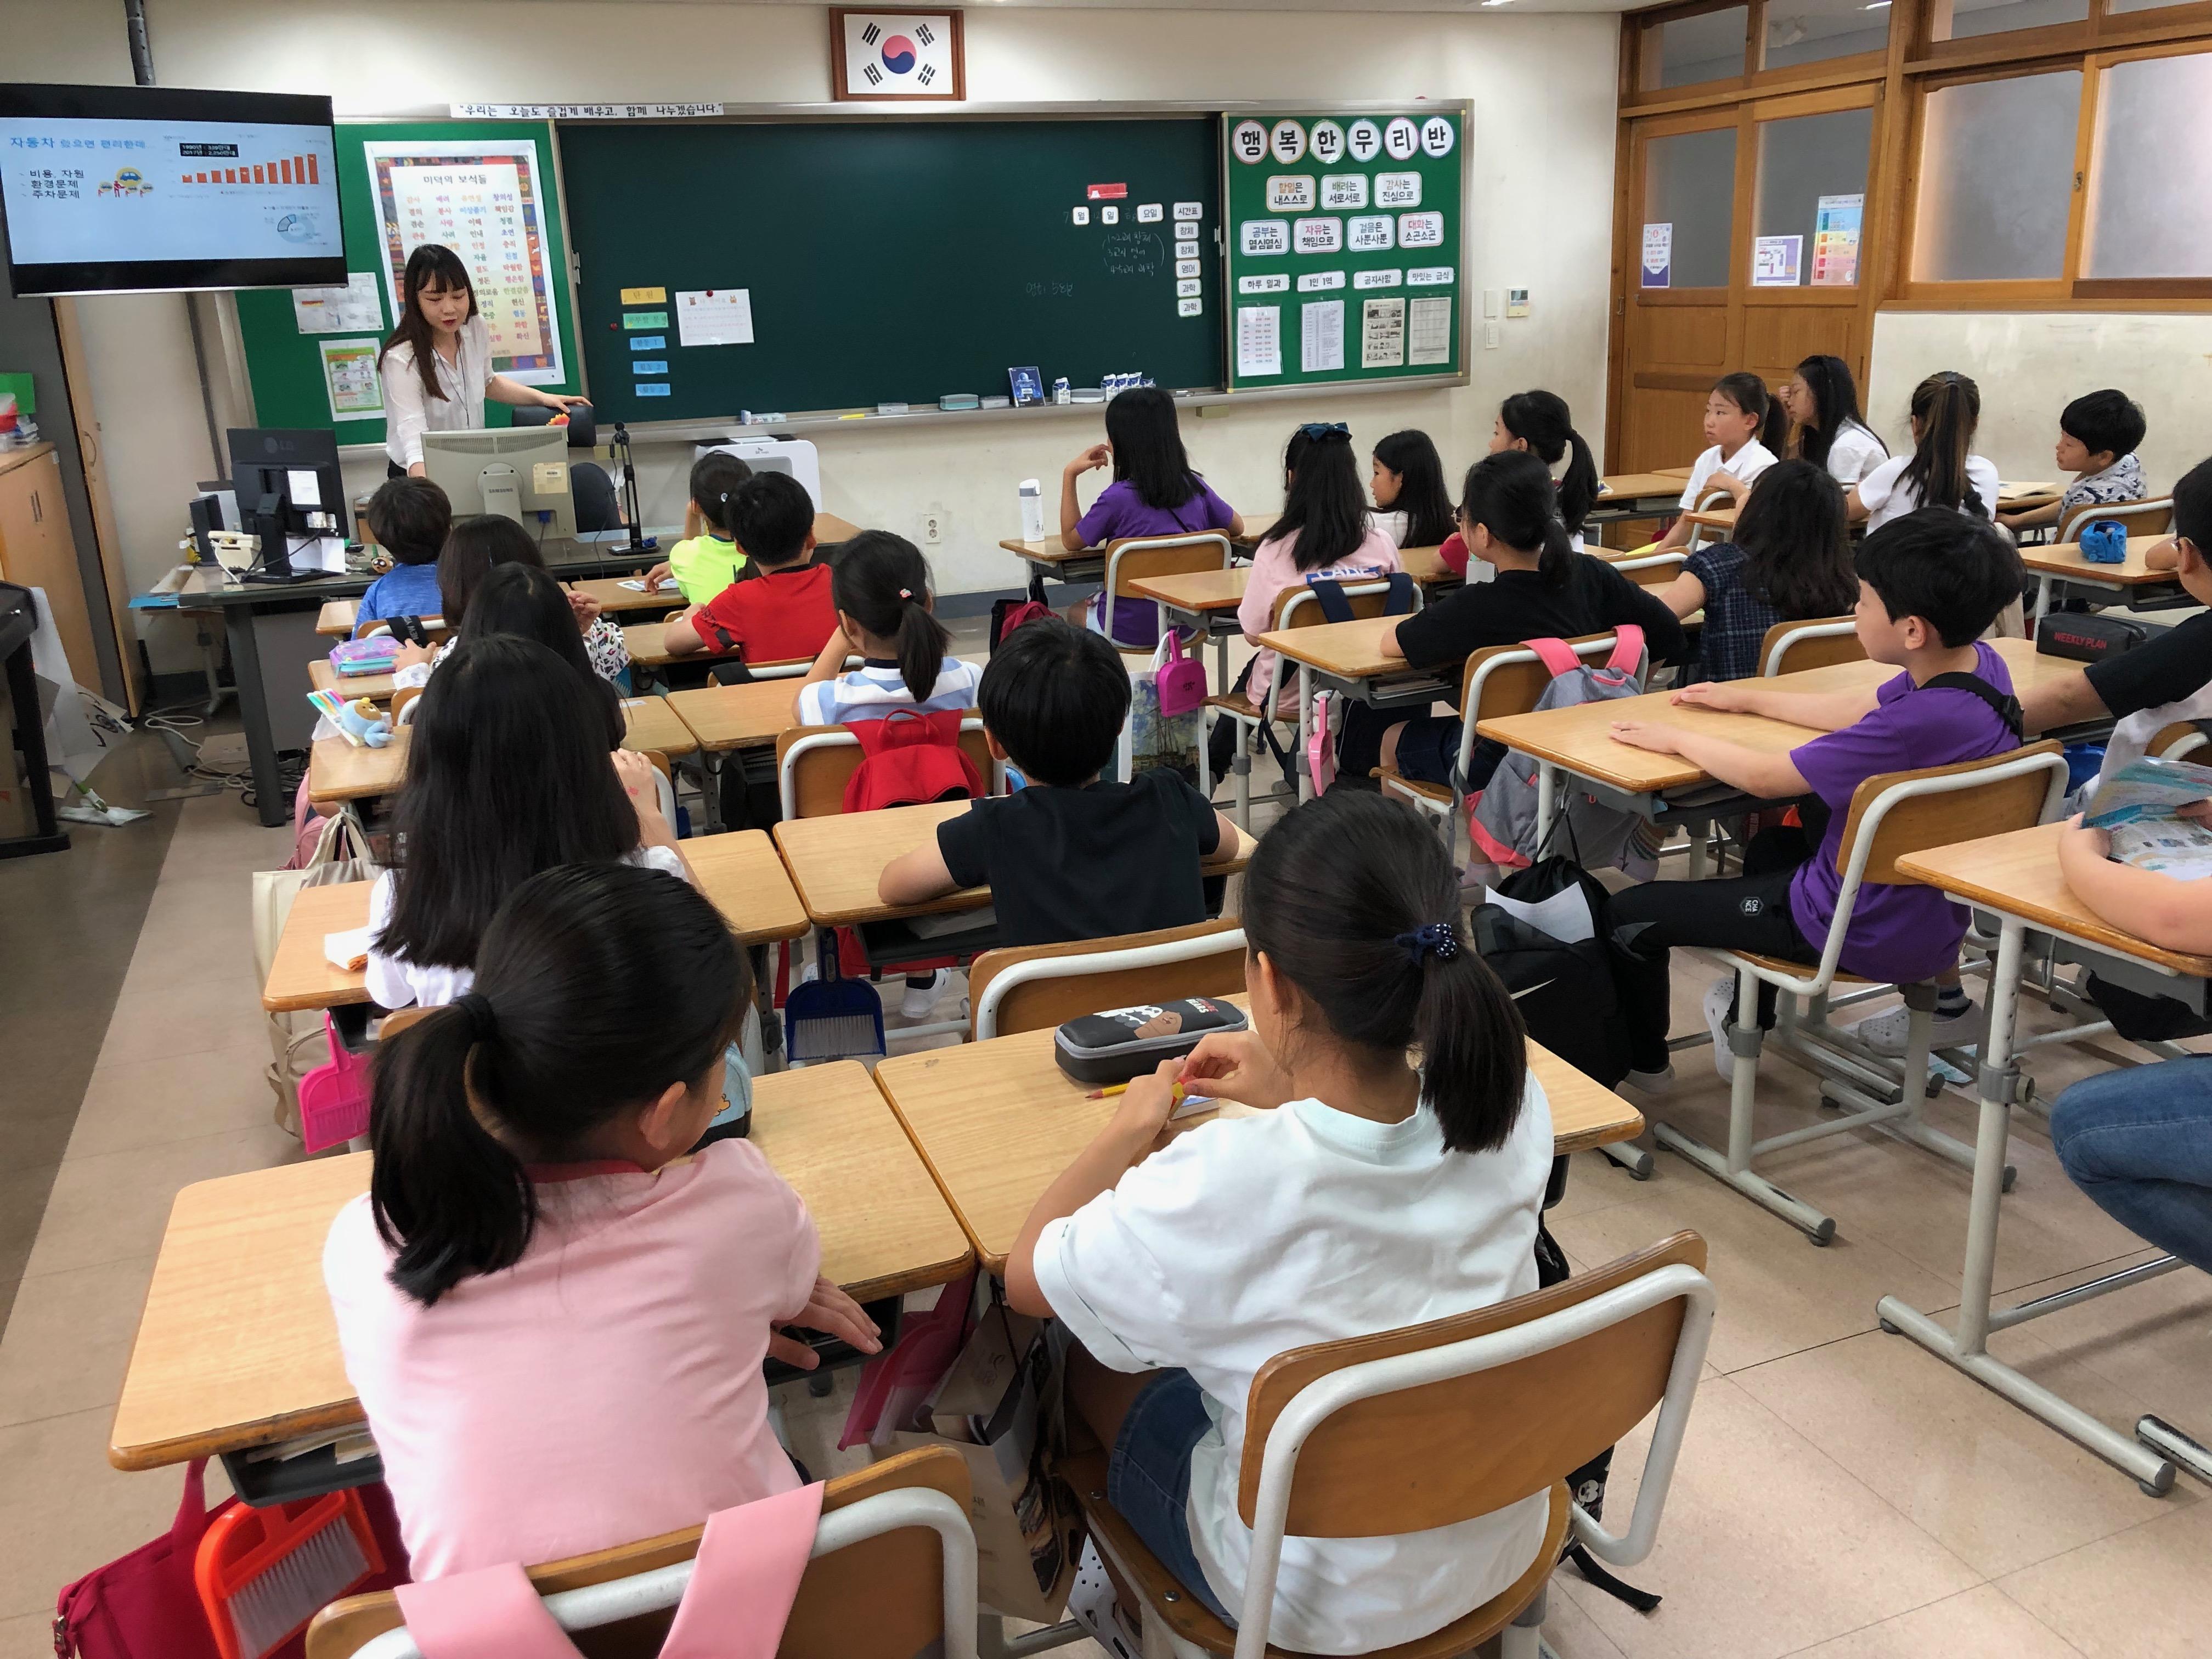 2019 은평구 '진관초등학교' 공유경제 씨앗학교